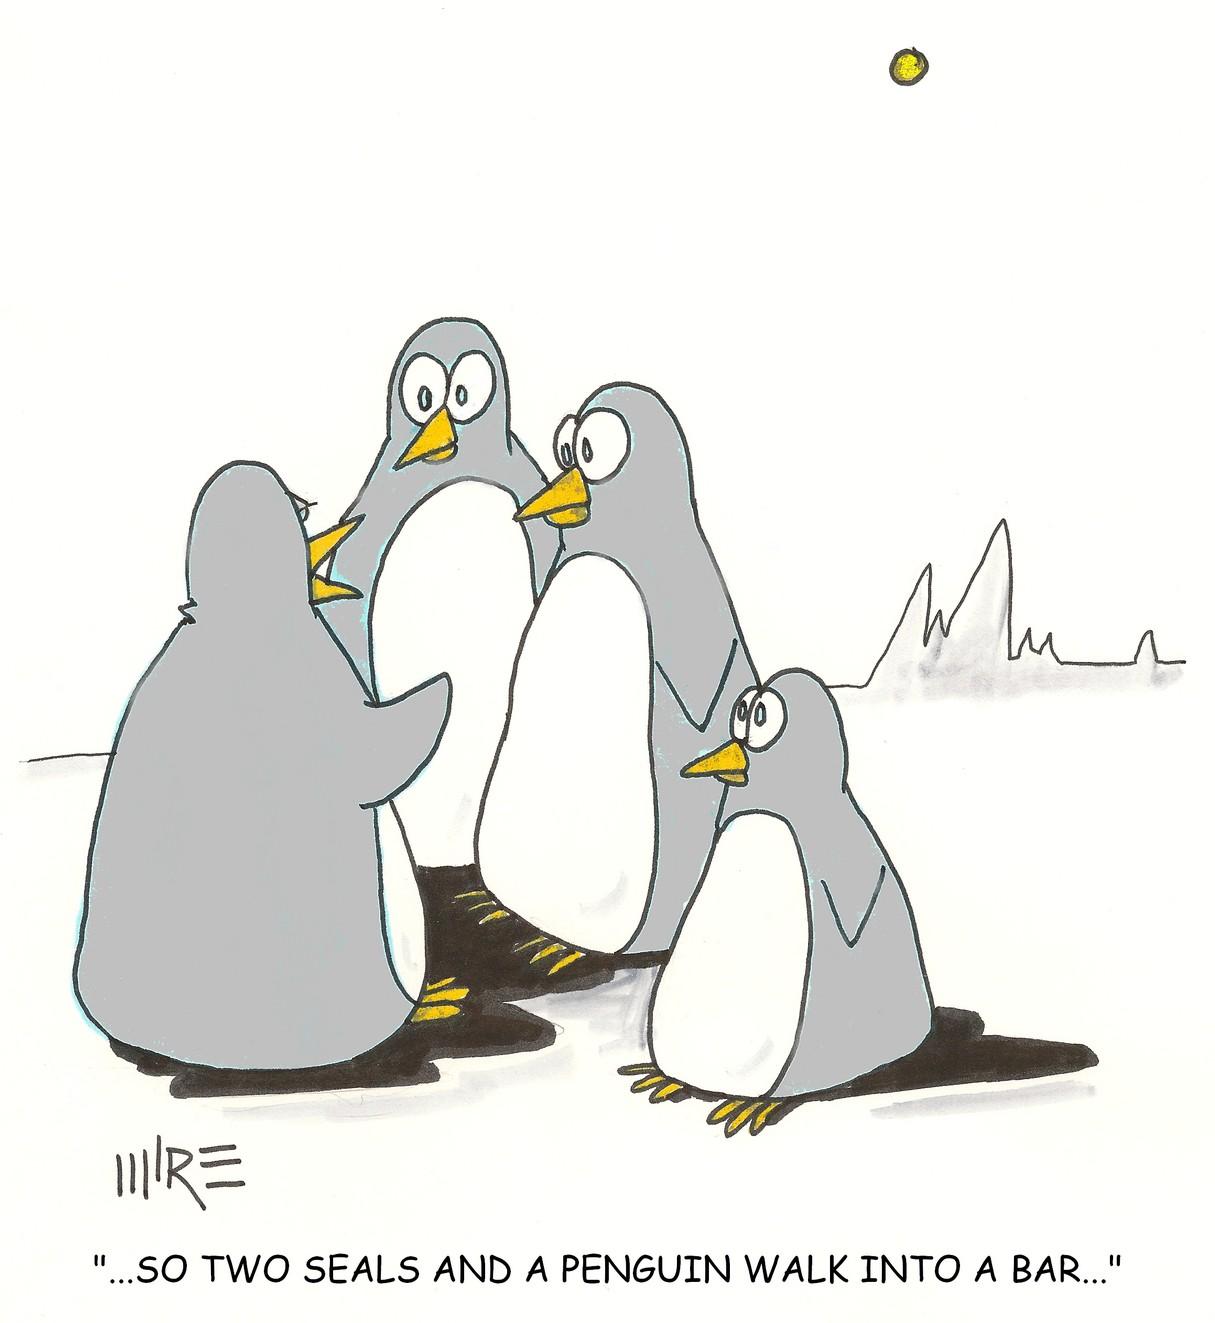 Funny penguin jokes